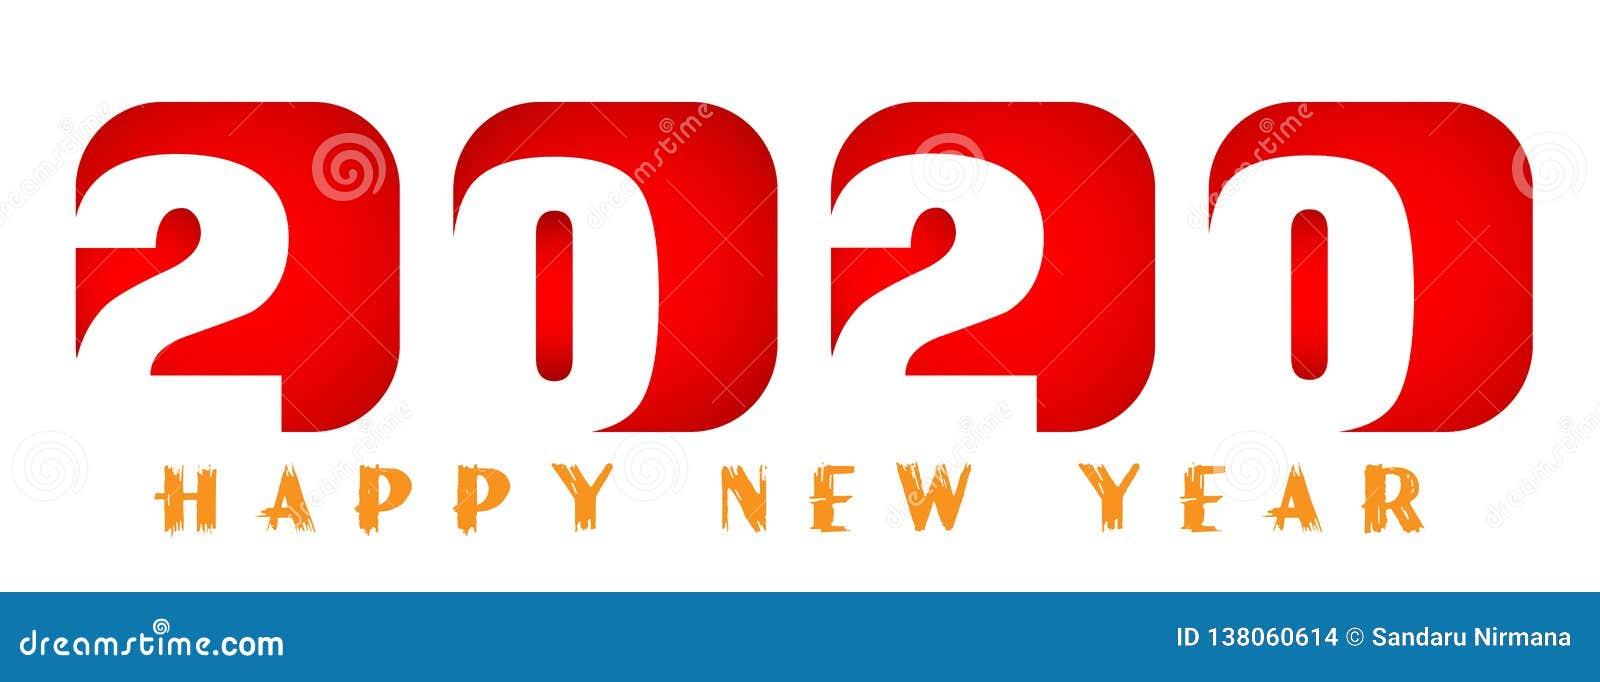 Tarjeta de la Feliz Año Nuevo 2020 en diseño de saludo rojo del texto en coloreado en el fondo blanco